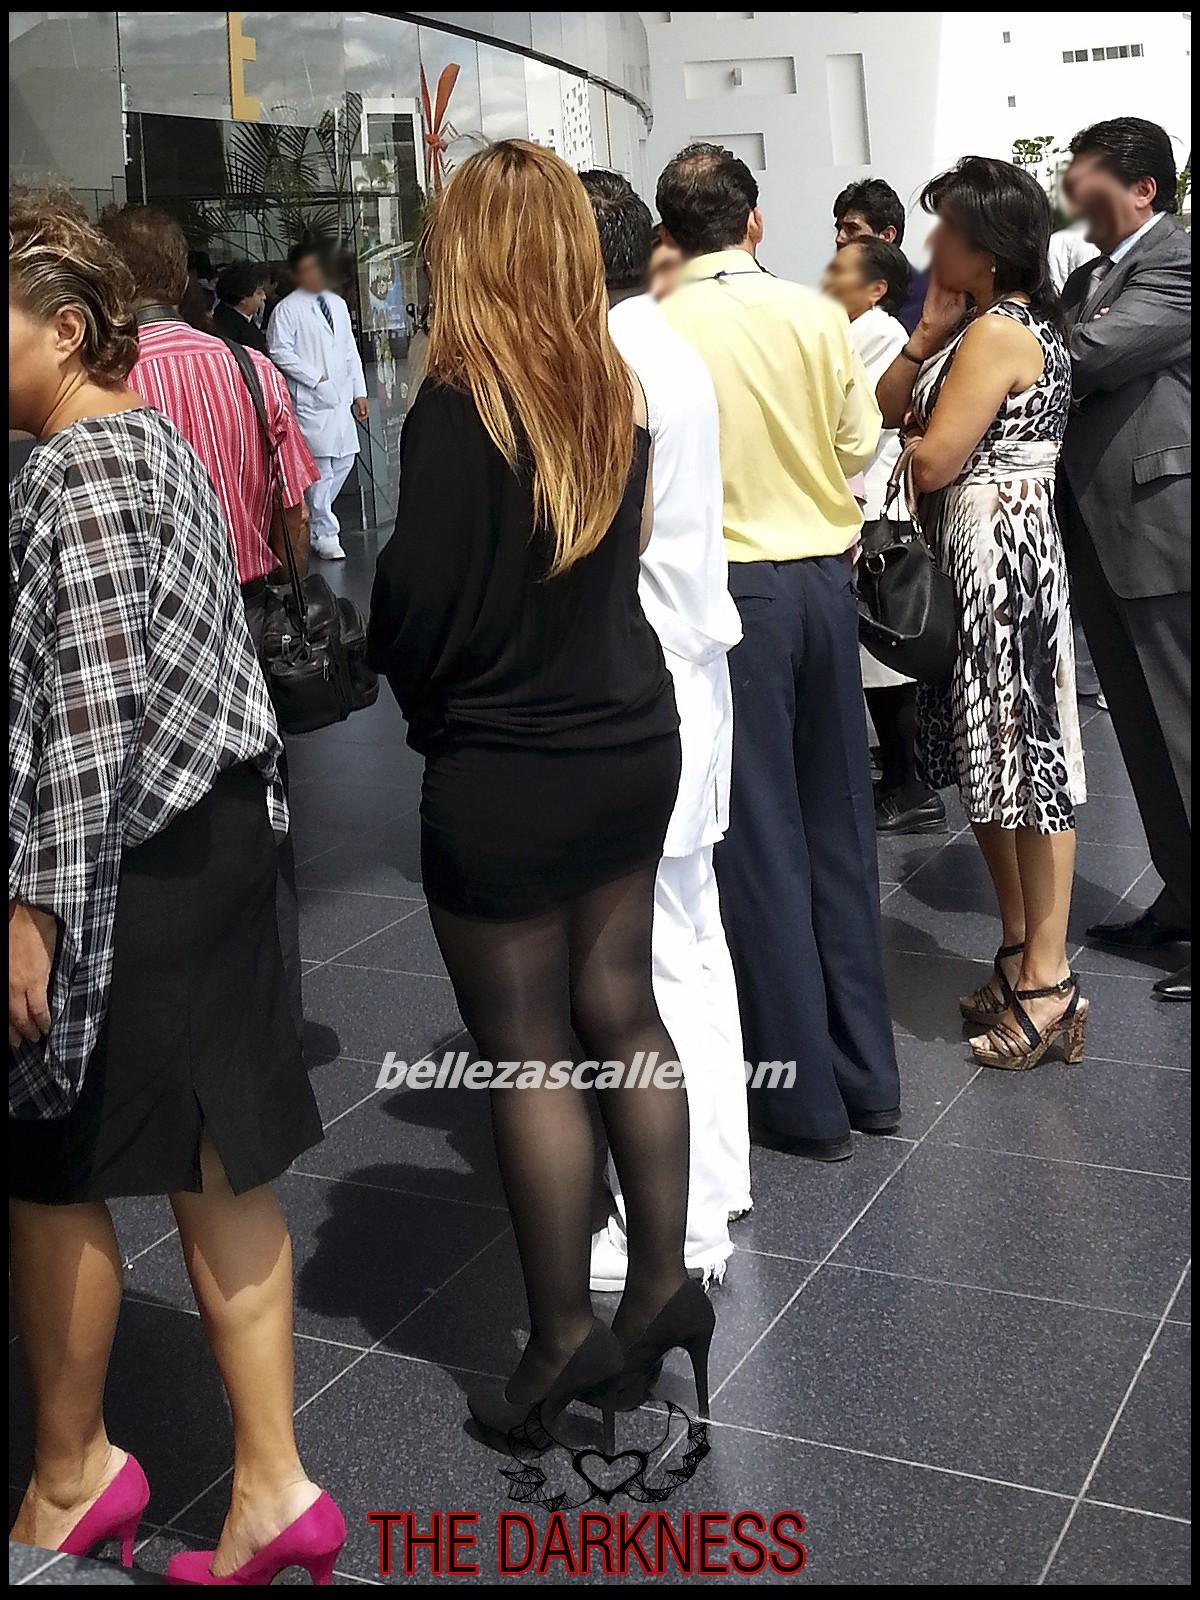 Mujeres en vestido de bag o diminutos